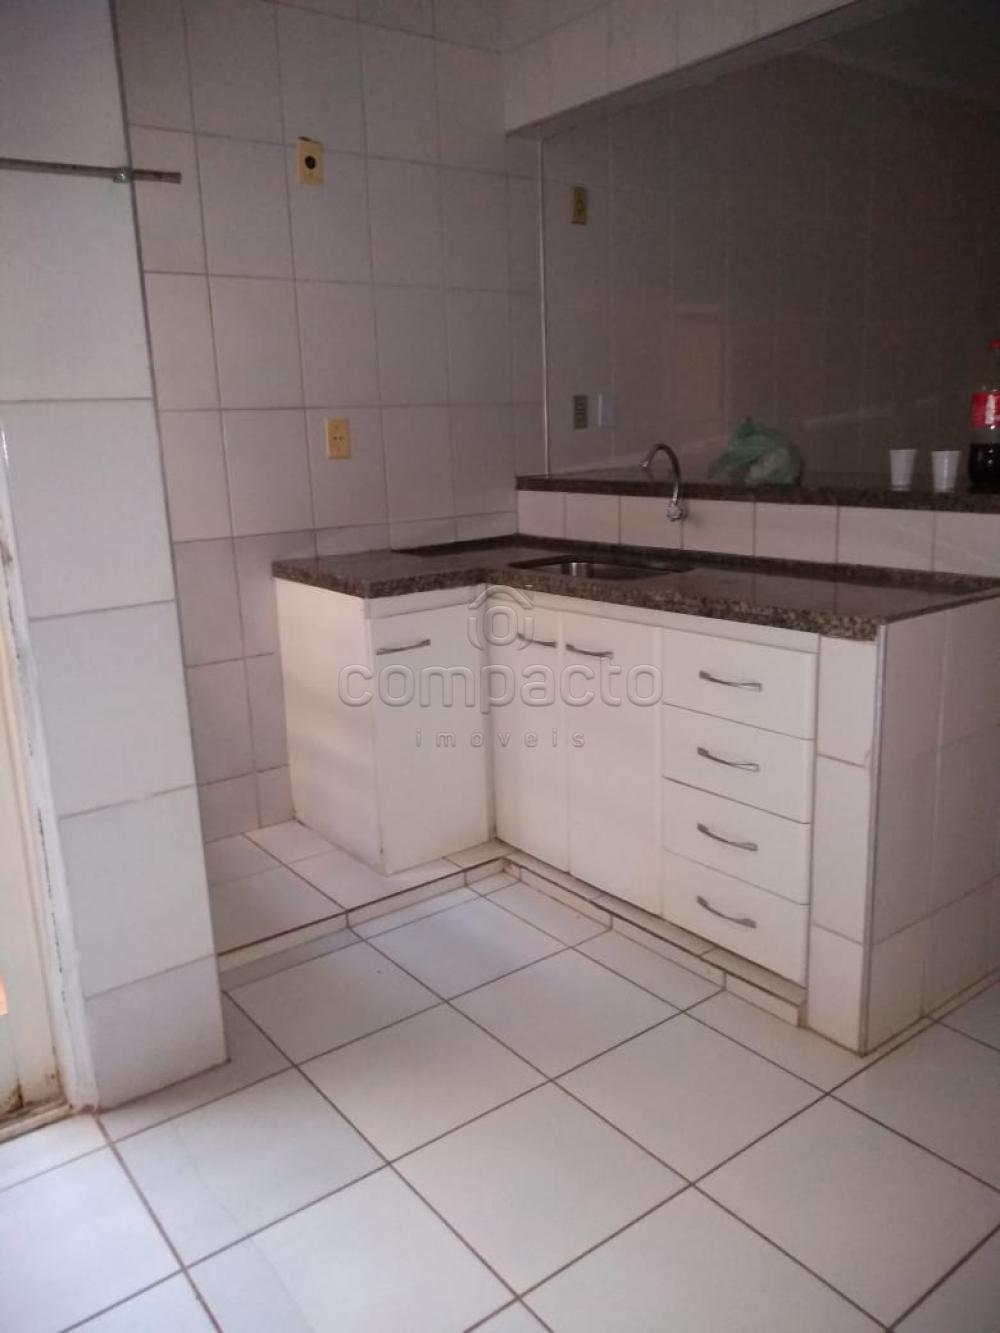 Alugar Casa / Padrão em São José do Rio Preto apenas R$ 1.600,00 - Foto 20